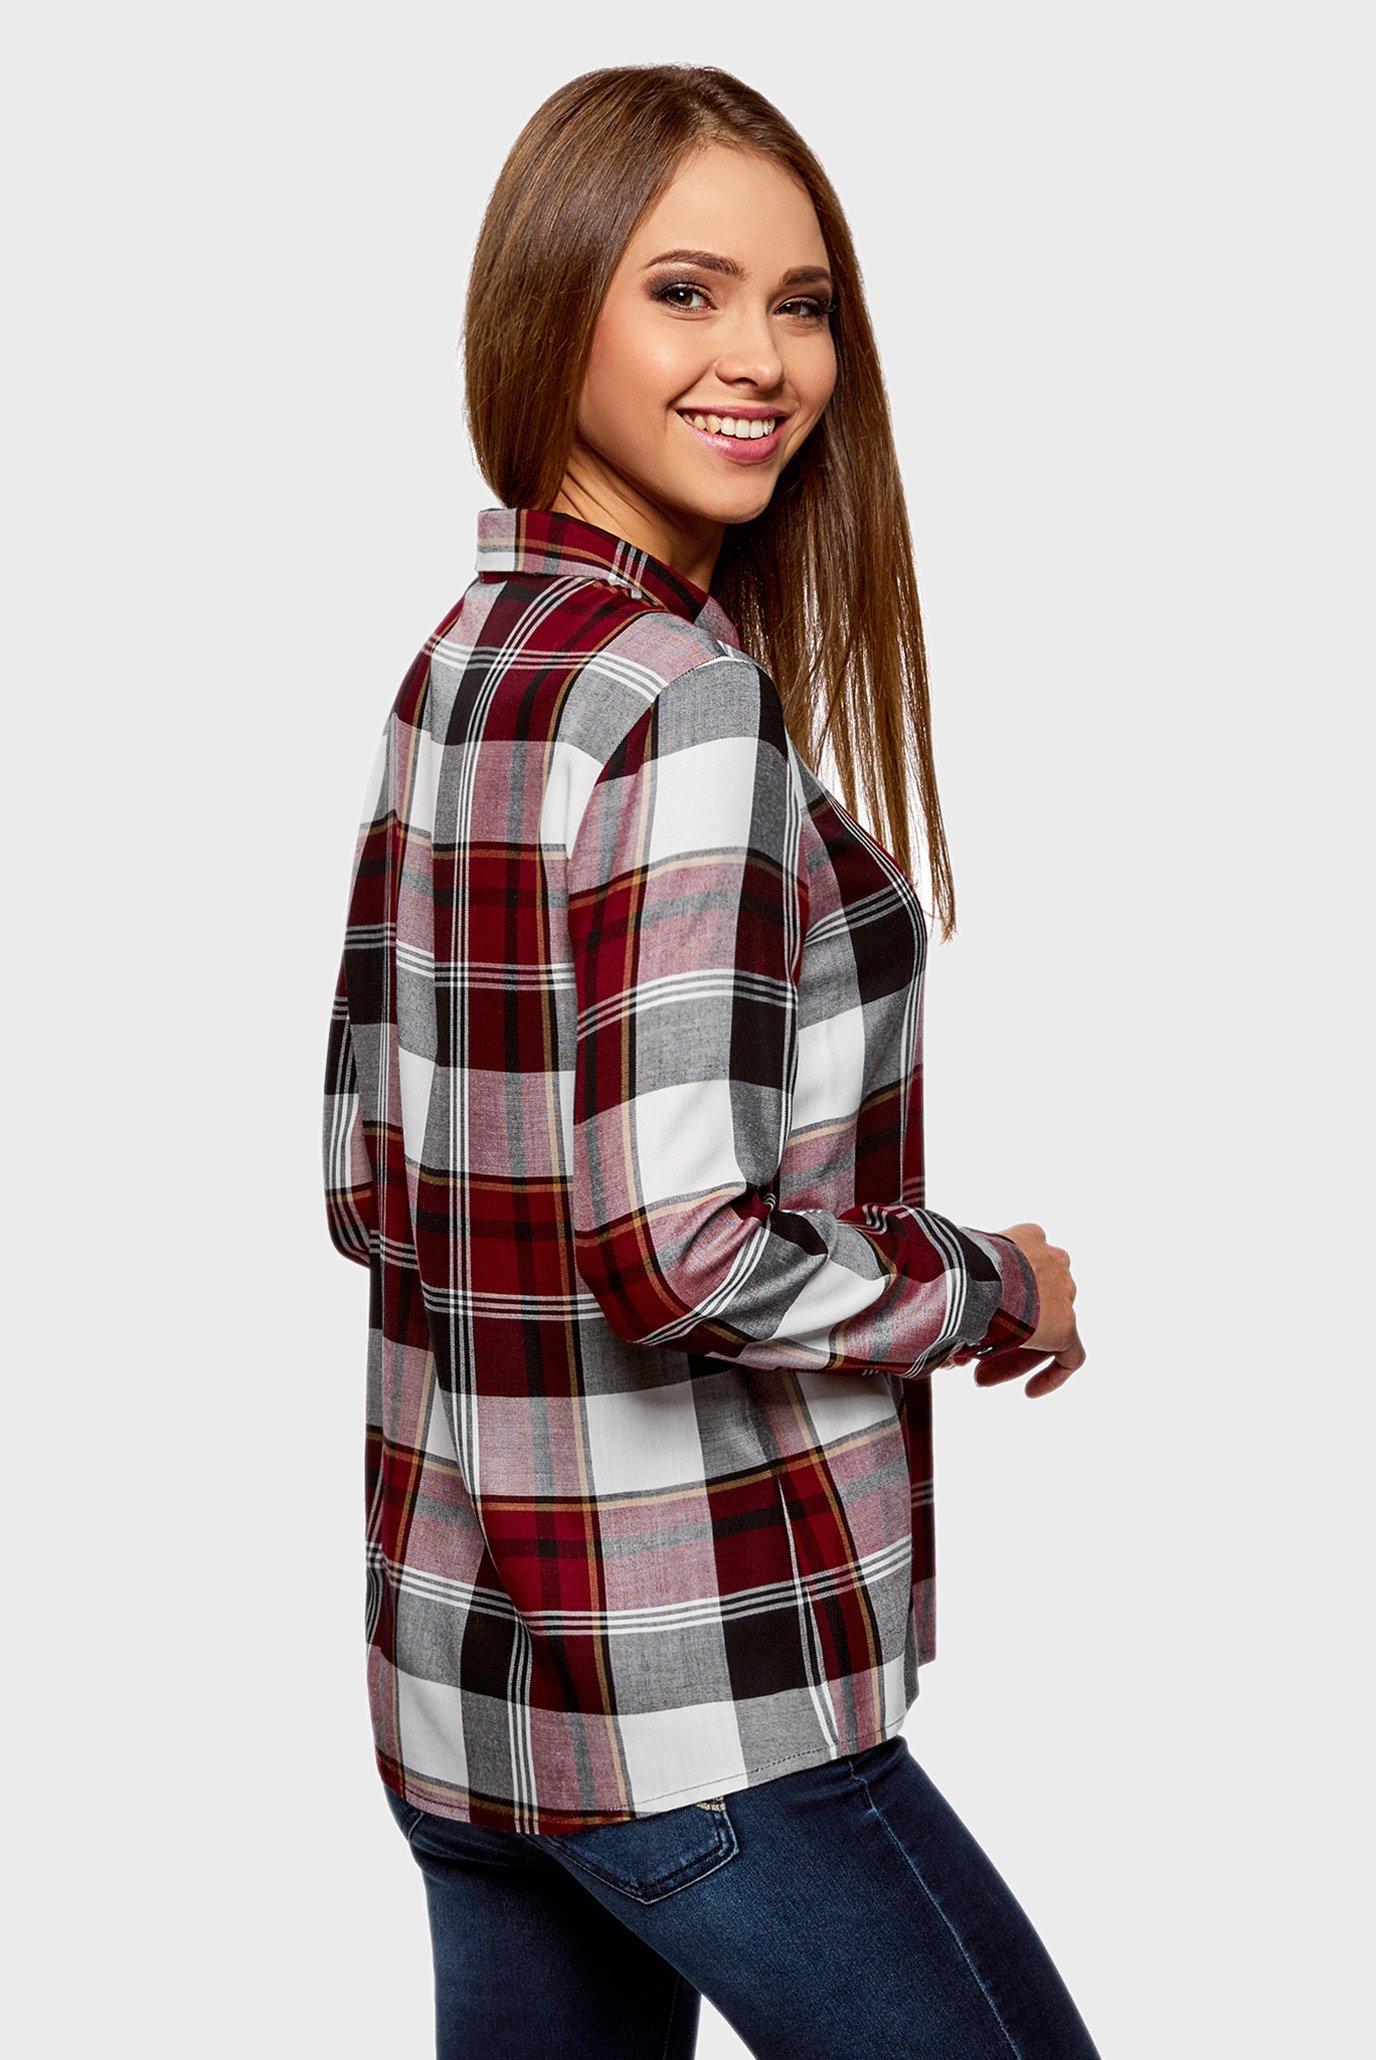 Купить Женская красная рубашка в клетку Oodji Oodji 11411098/45208/4929C – Киев, Украина. Цены в интернет магазине MD Fashion